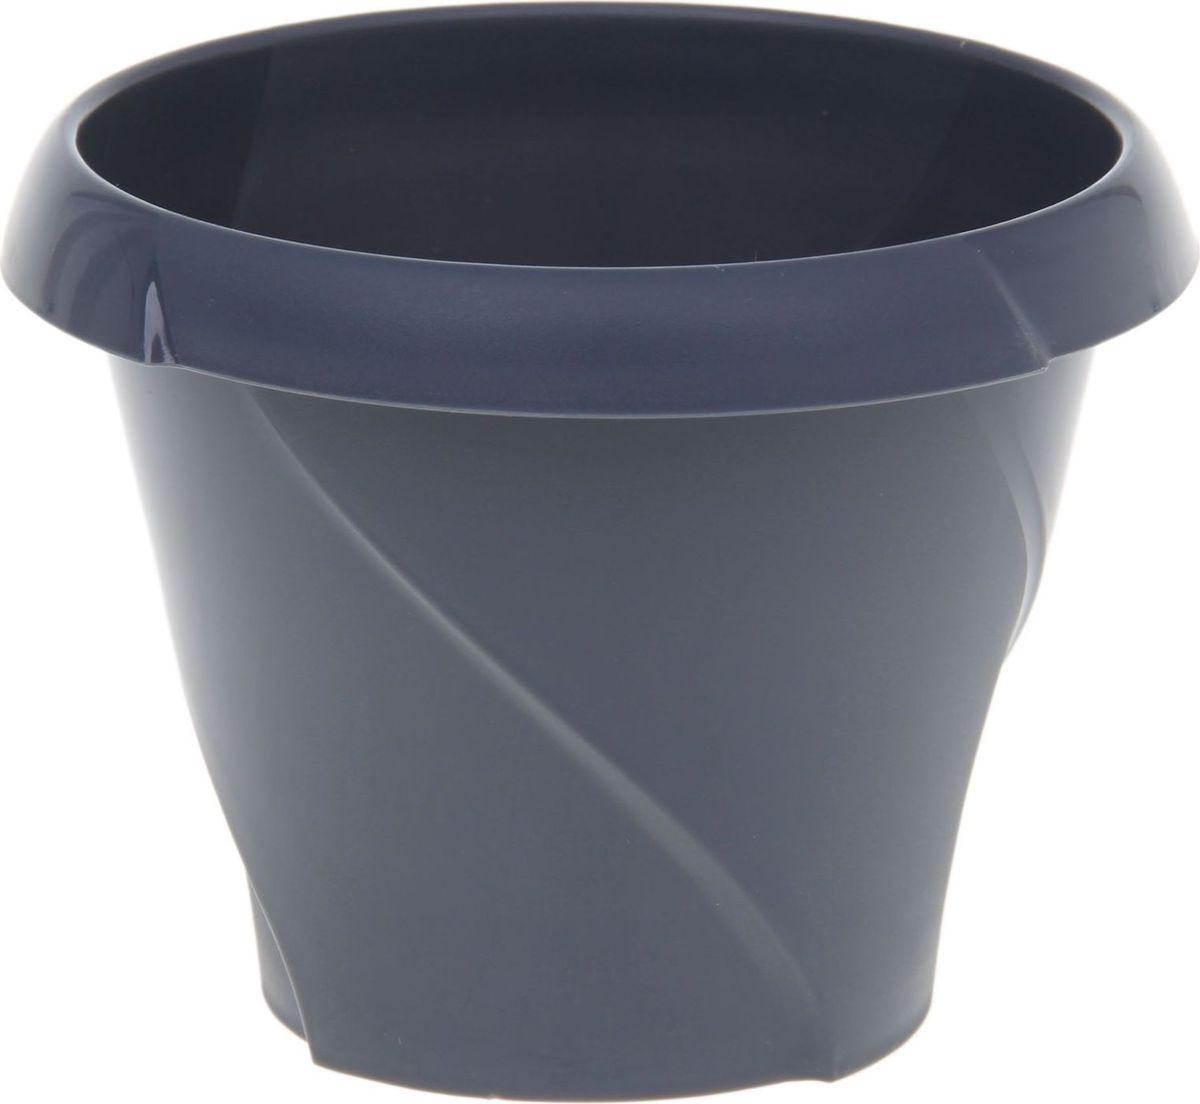 Кашпо Martika Флориана, цвет: серый, 0,7 л1355436Любой, даже самый современный и продуманный интерьер будет не завершённым без растений. Они не только очищают воздух и насыщают его кислородом, но и заметно украшают окружающее пространство. Такому полезному &laquo члену семьи&raquoпросто необходимо красивое и функциональное кашпо, оригинальный горшок или необычная ваза! Мы предлагаем - Кашпо 700 мл Флориана, d=13,5 см, цвет серый!Оптимальный выбор материала &mdash &nbsp пластмасса! Почему мы так считаем? Малый вес. С лёгкостью переносите горшки и кашпо с места на место, ставьте их на столики или полки, подвешивайте под потолок, не беспокоясь о нагрузке. Простота ухода. Пластиковые изделия не нуждаются в специальных условиях хранения. Их&nbsp легко чистить &mdashдостаточно просто сполоснуть тёплой водой. Никаких царапин. Пластиковые кашпо не царапают и не загрязняют поверхности, на которых стоят. Пластик дольше хранит влагу, а значит &mdashрастение реже нуждается в поливе. Пластмасса не пропускает воздух &mdashкорневой системе растения не грозят резкие перепады температур. Огромный выбор форм, декора и расцветок &mdashвы без труда подберёте что-то, что идеально впишется в уже существующий интерьер.Соблюдая нехитрые правила ухода, вы можете заметно продлить срок службы горшков, вазонов и кашпо из пластика: всегда учитывайте размер кроны и корневой системы растения (при разрастании большое растение способно повредить маленький горшок)берегите изделие от воздействия прямых солнечных лучей, чтобы кашпо и горшки не выцветалидержите кашпо и горшки из пластика подальше от нагревающихся поверхностей.Создавайте прекрасные цветочные композиции, выращивайте рассаду или необычные растения, а низкие цены позволят вам не ограничивать себя в выборе.